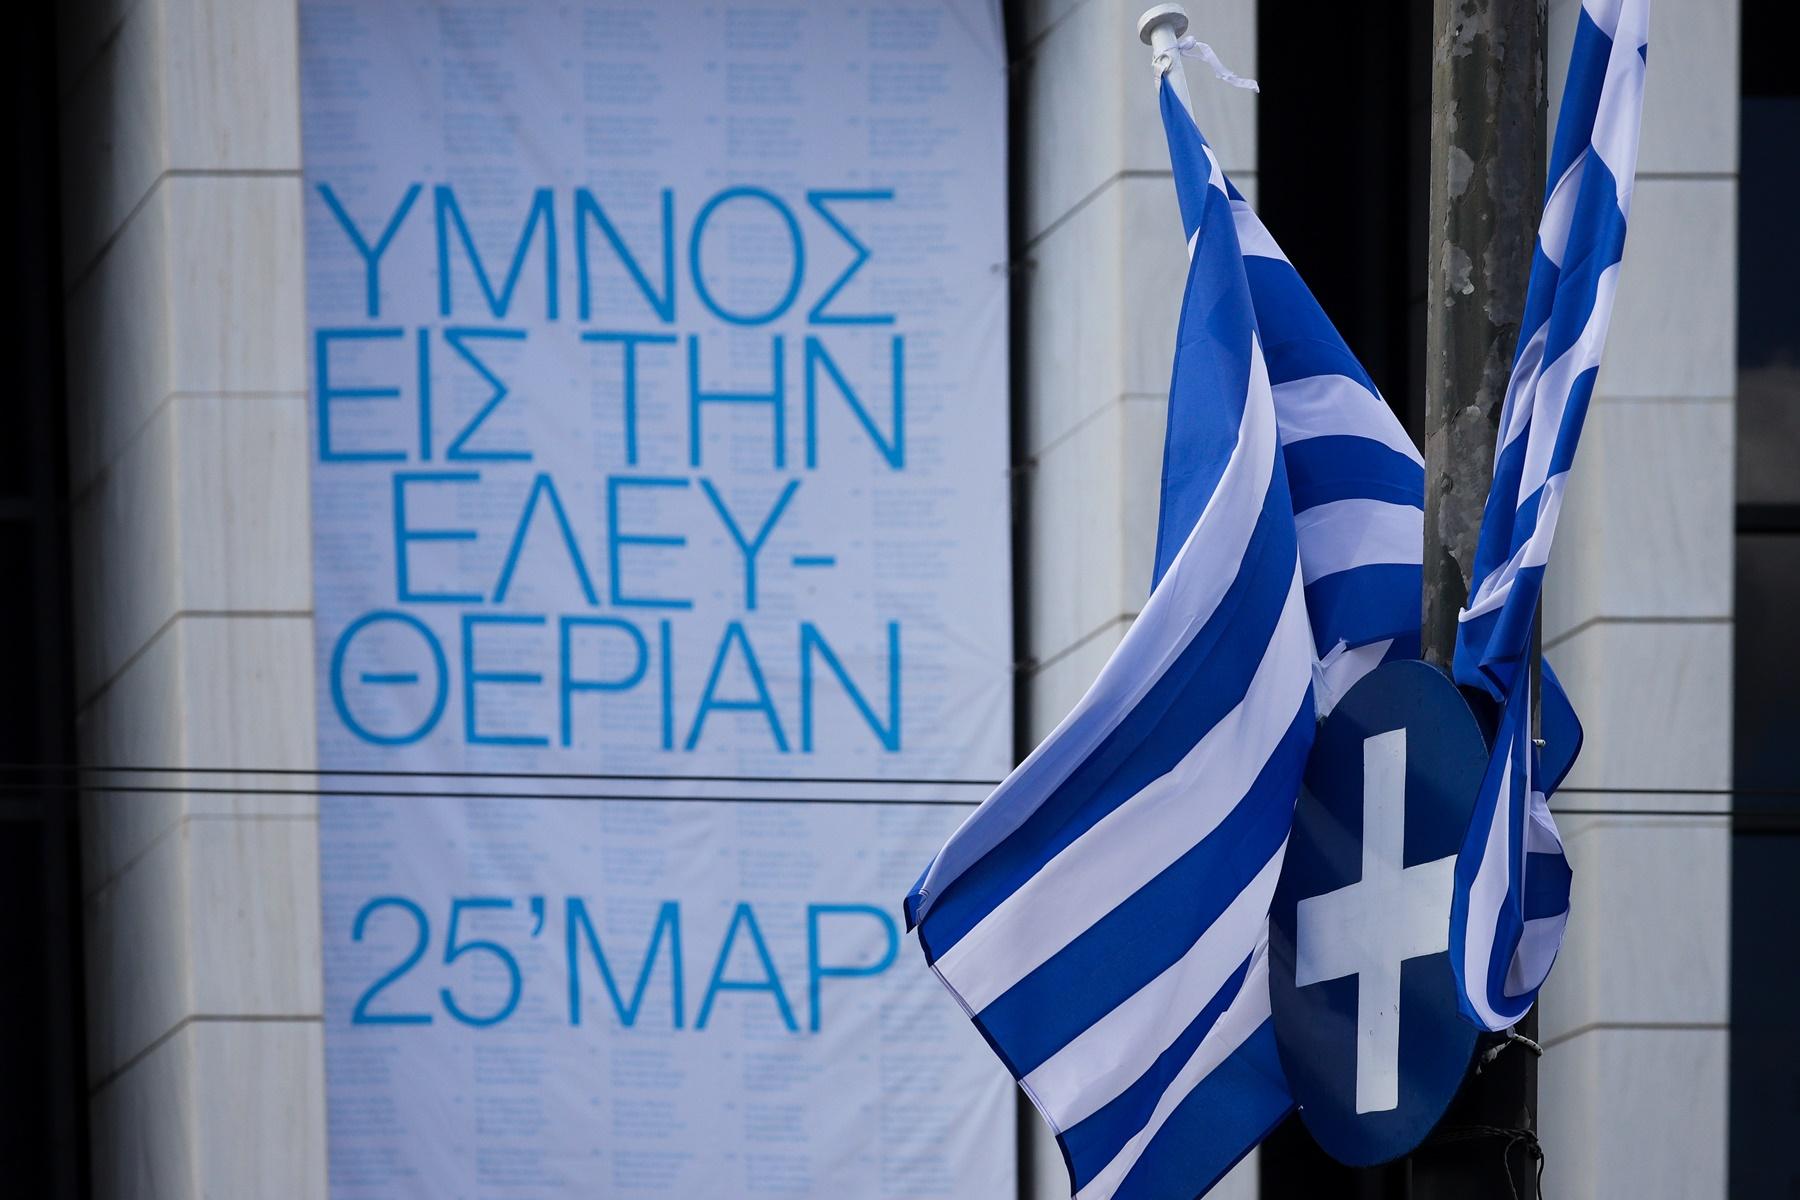 25η Μαρτίου: Χωρίς παρελάσεις στην Ξάνθη - Έτσι θα γιορτάσει η πόλη